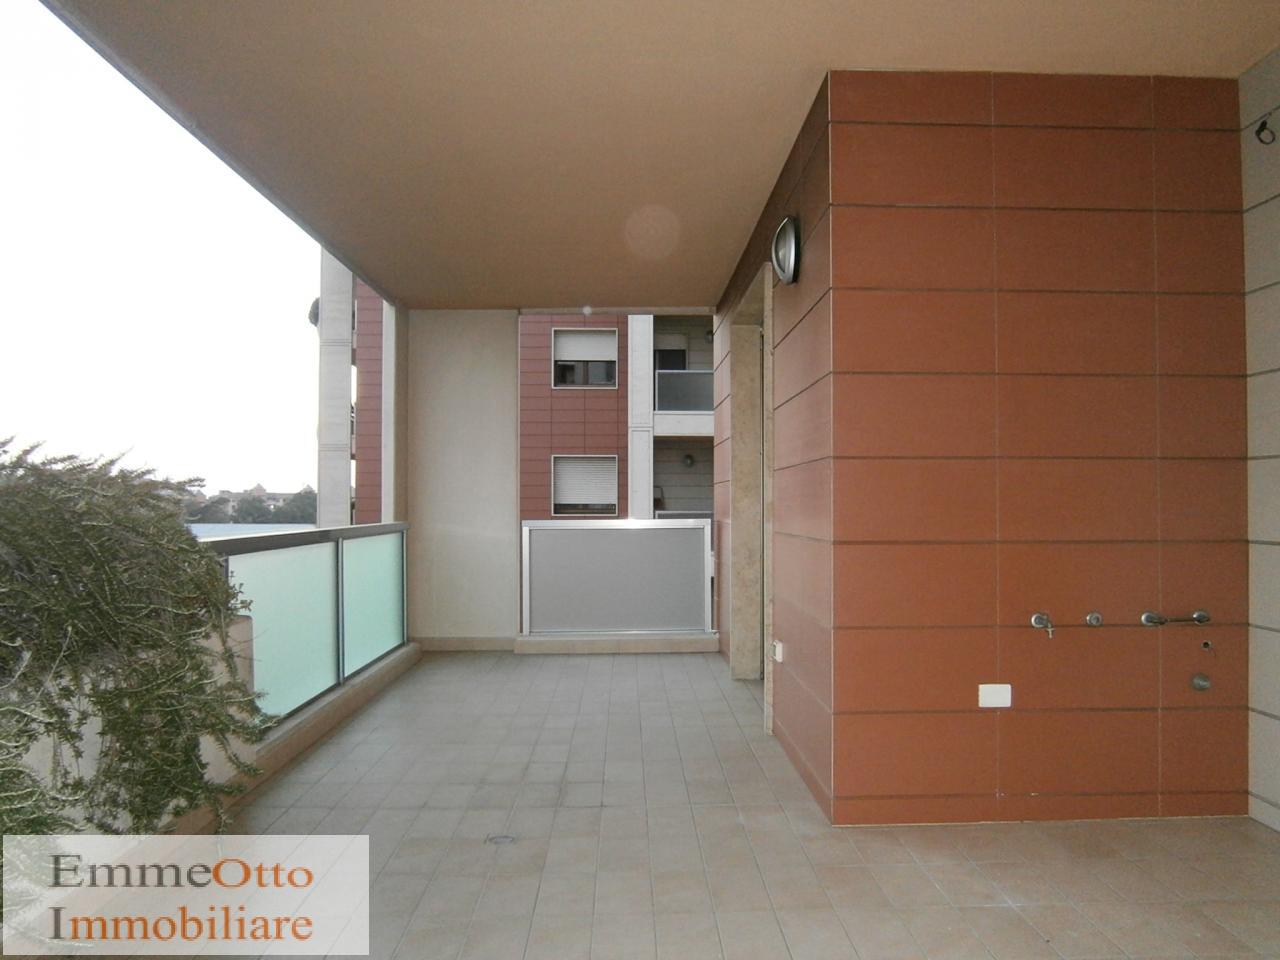 Appartamento in affitto a Cagliari, 3 locali, zona Zona: Poetto, prezzo € 1.300 | Cambio Casa.it